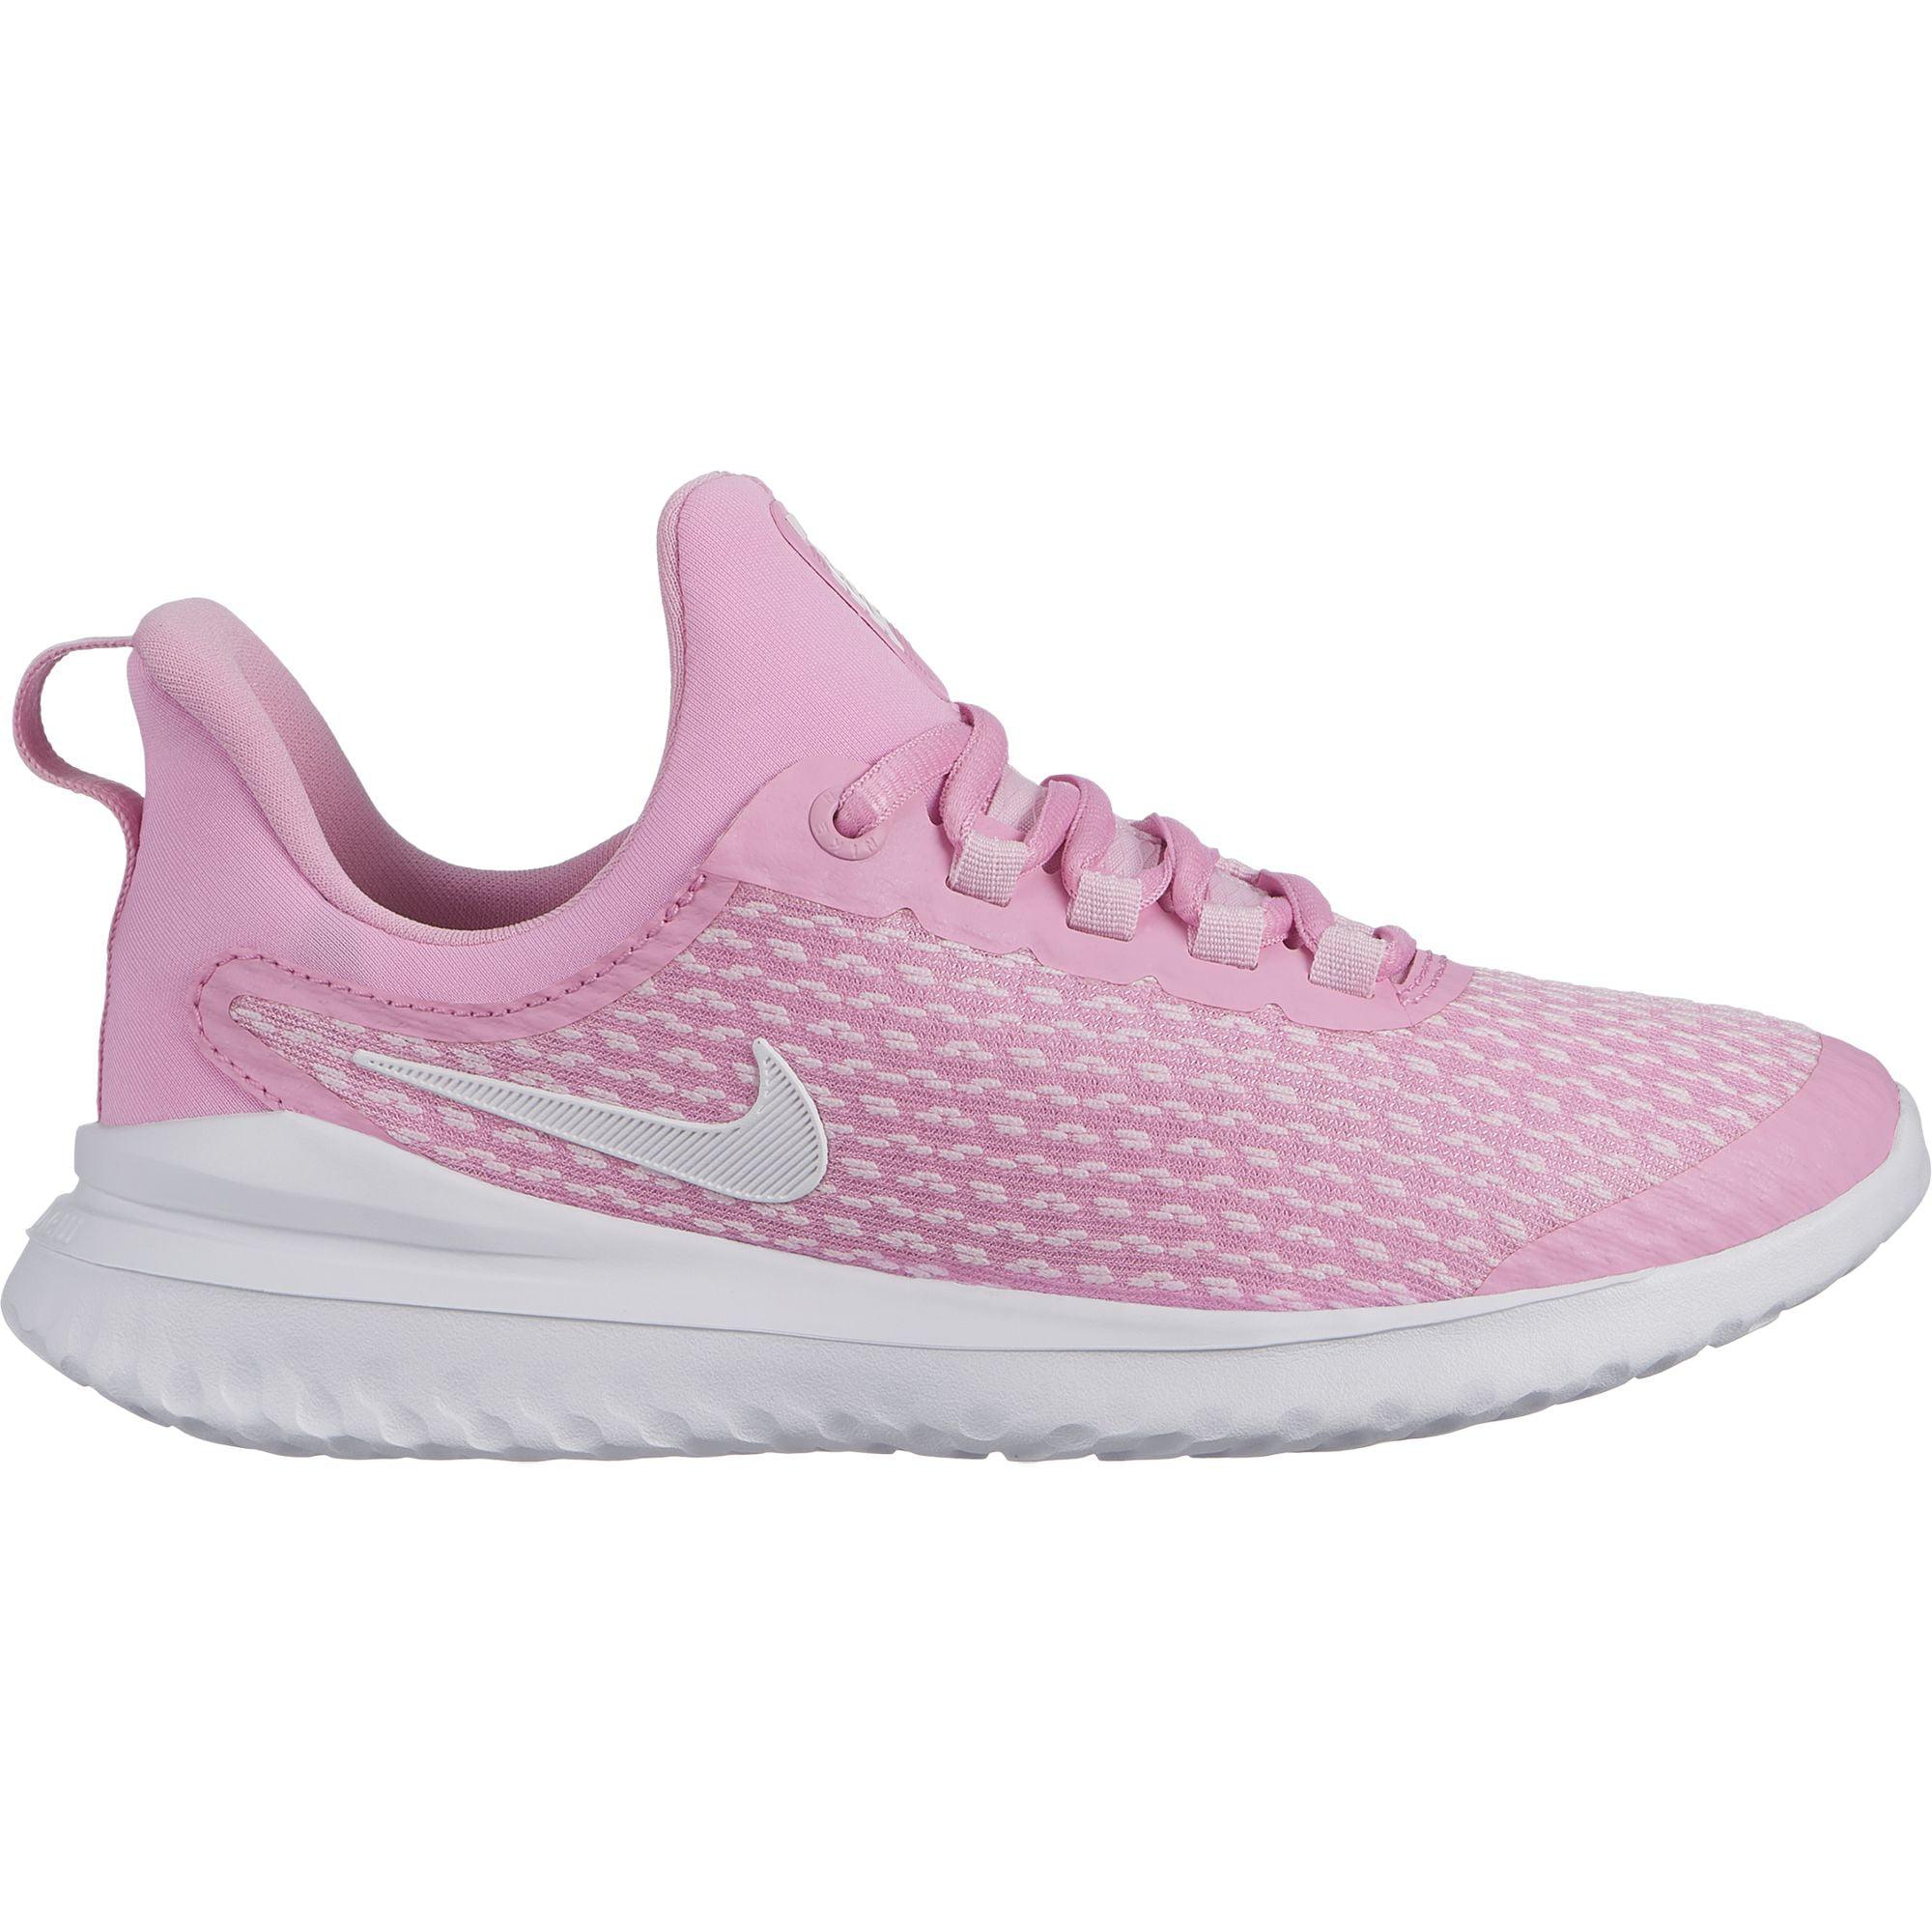 Nike Renew Rival Running Shoe - Walmart